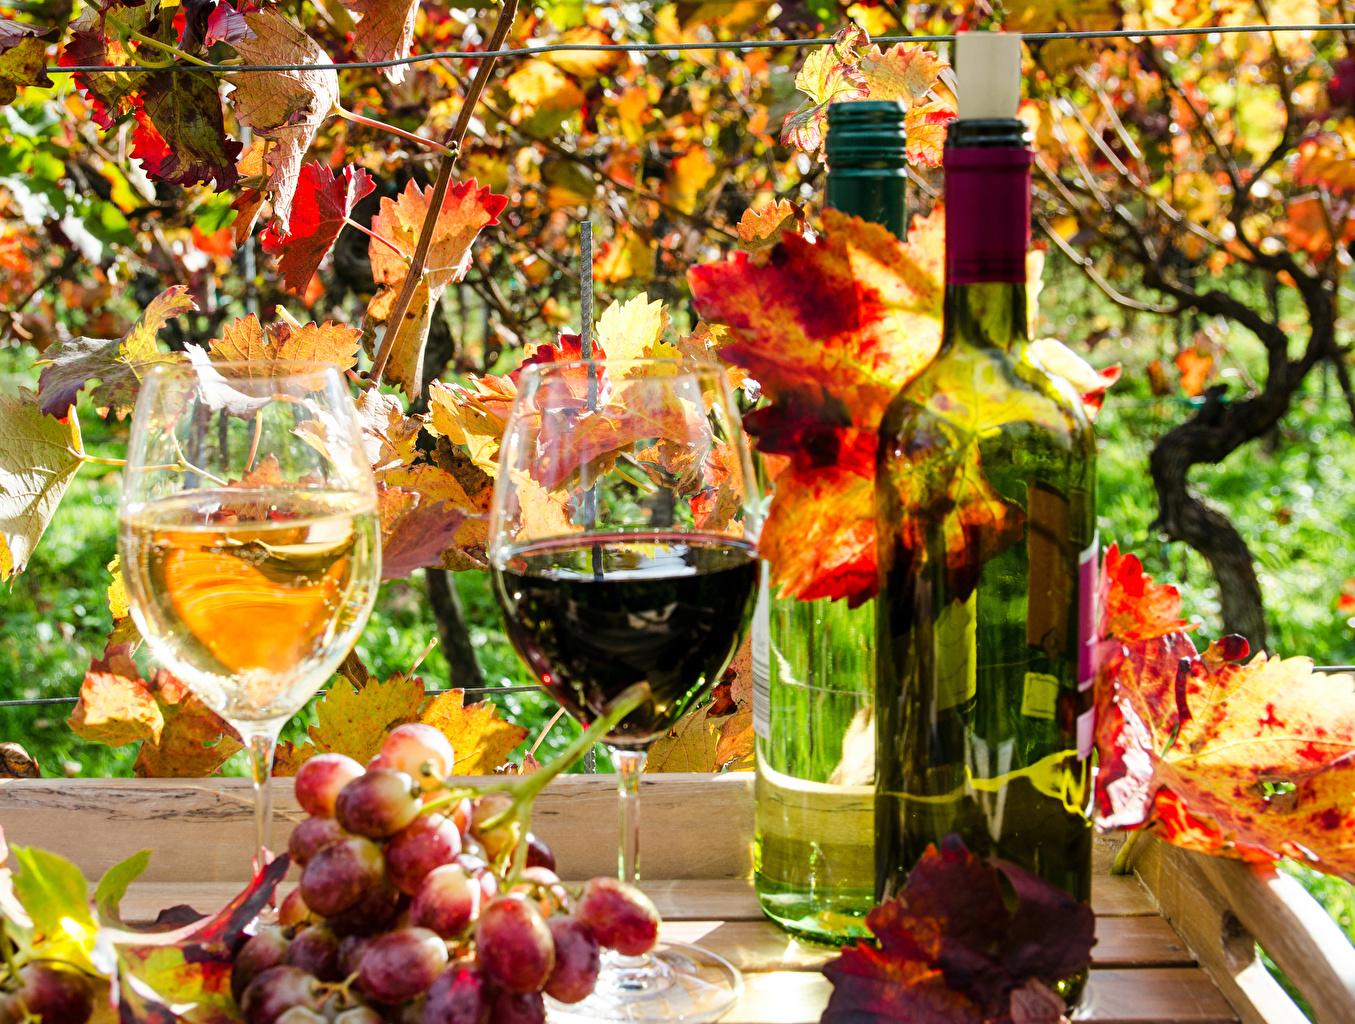 Обои Листья Вино Осень Виноград Бокалы Бутылка Продукты питания лист Листва осенние Еда Пища бокал бутылки